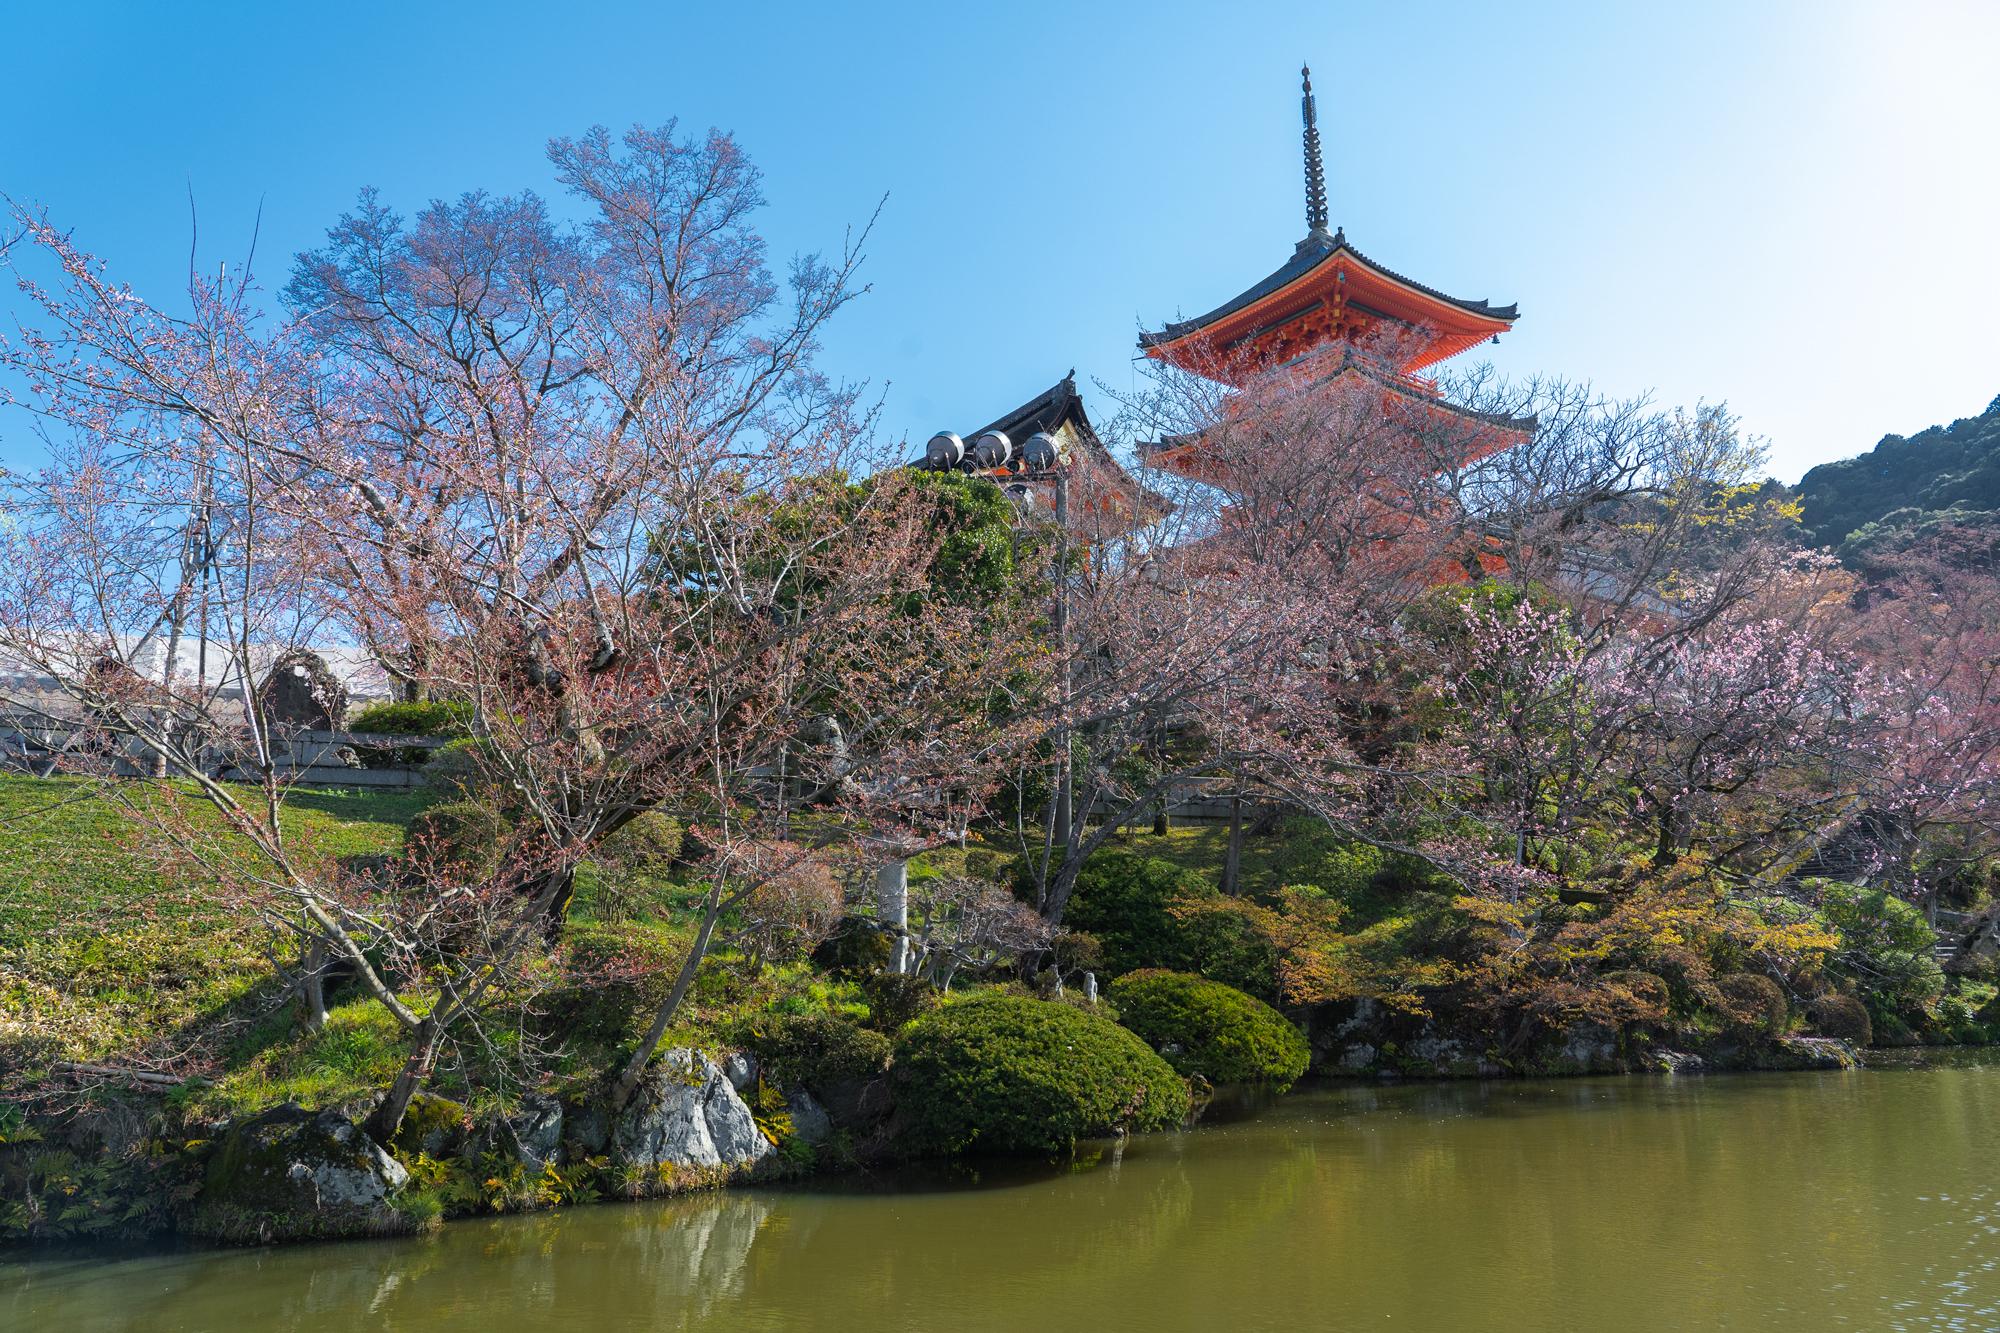 SONY_ILCE-7M3_1267651762-1267701407_174 京都府 清水寺(2020年 清水寺の桜景色と春におすすめの写真スポット. 見どころやライトアップ、アクセス、工事状況、桜の見頃情報まとめ)